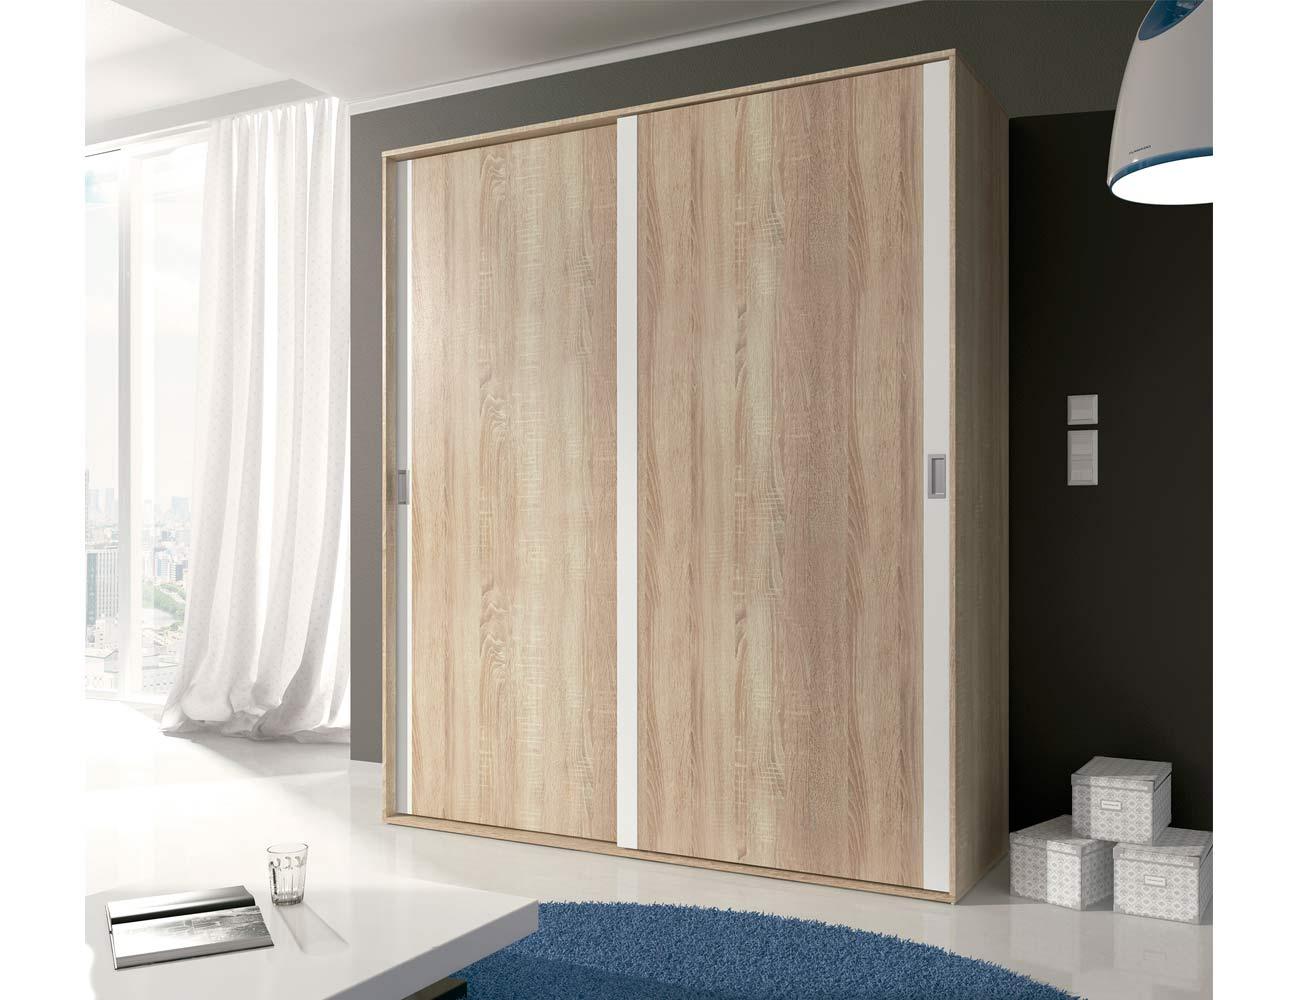 Armario de 2 puertas correderas estilo moderno en cambrian con blanco 6303 factory del - Kit puertas correderas armarios ...